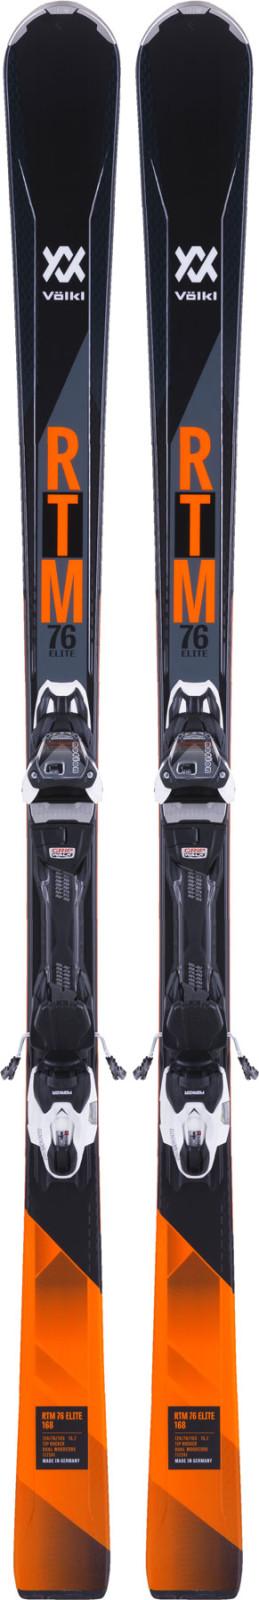 Völkl RTM 76 Elite + vMotion 10 GW